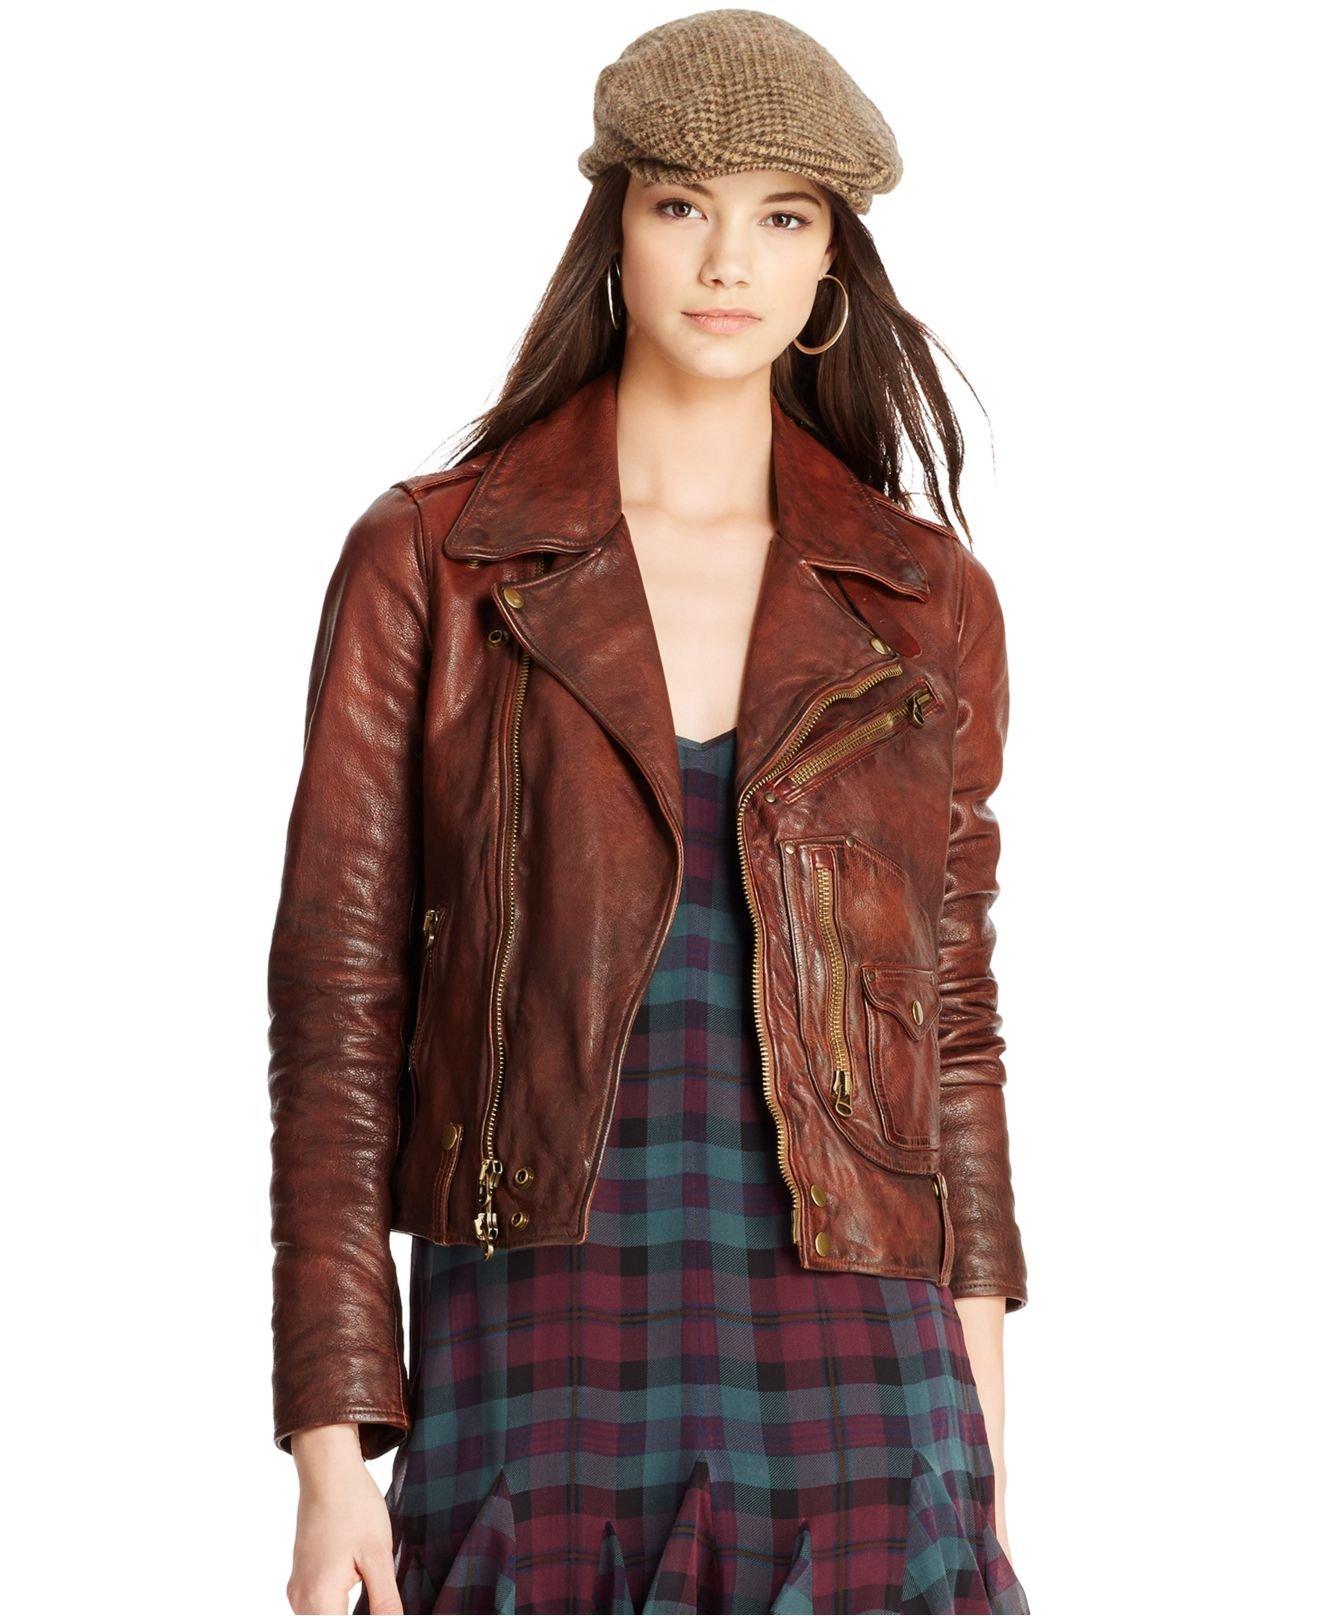 Ralph Lauren Jess Tweed Jacket in Brown (nude & neutrals